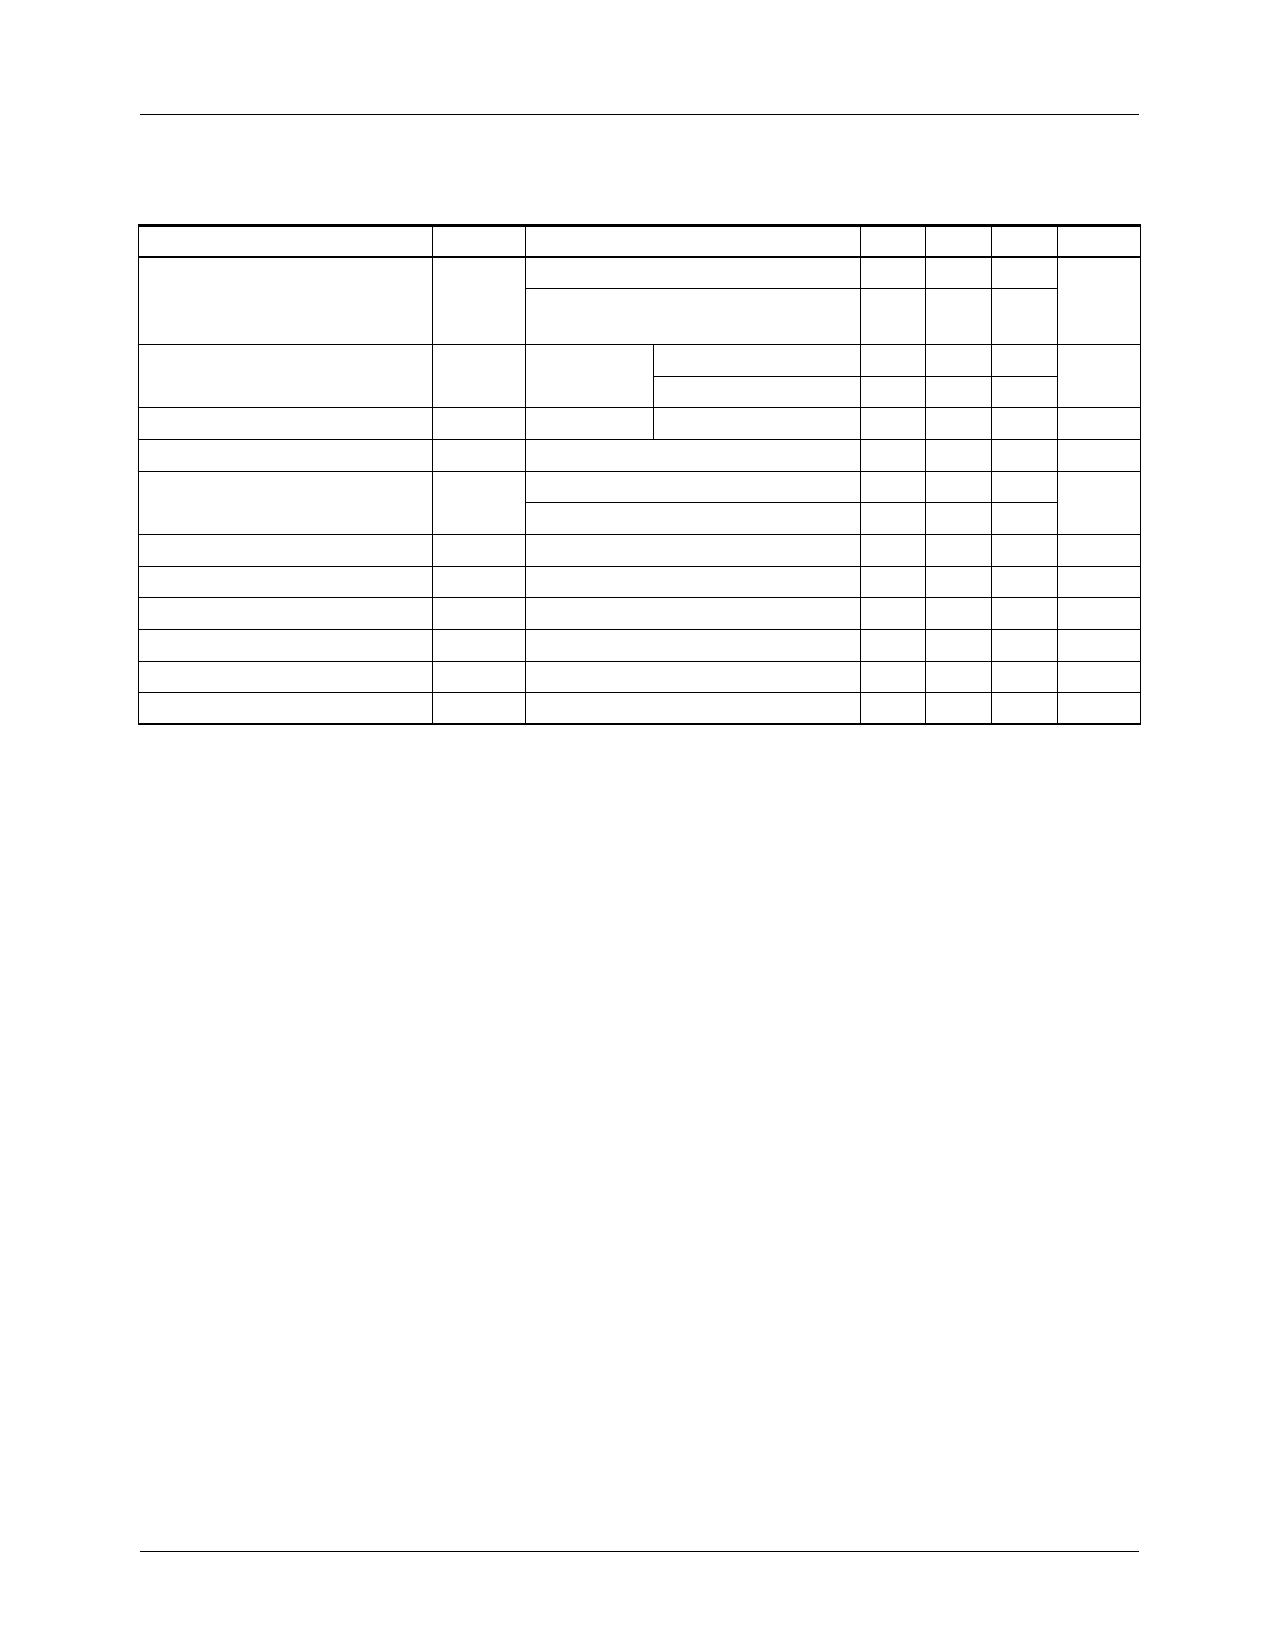 KA79M18 pdf, ピン配列